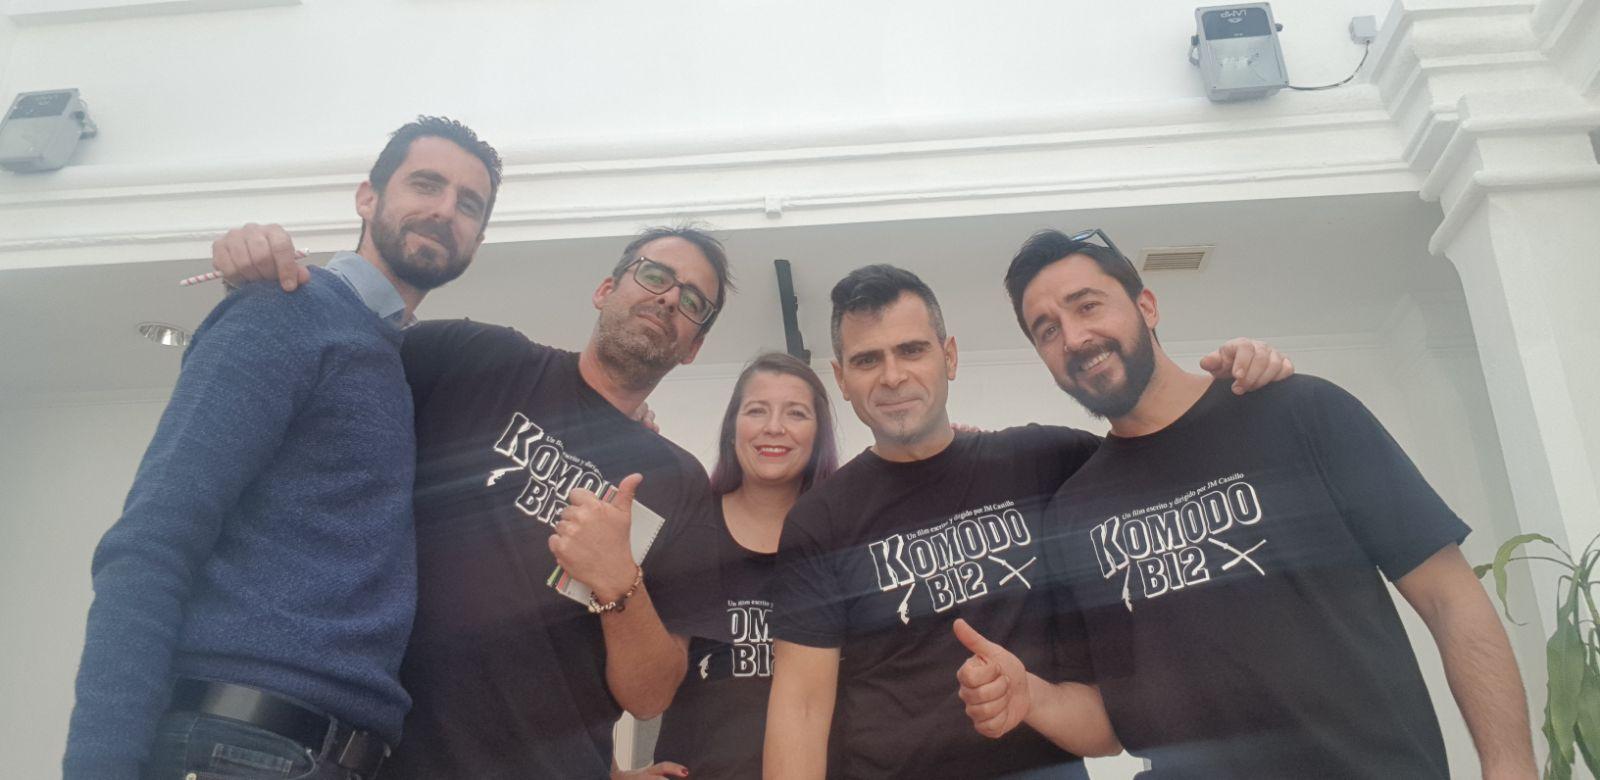 Colaboración municipal para el rodaje de Komodo B12 | San Roque